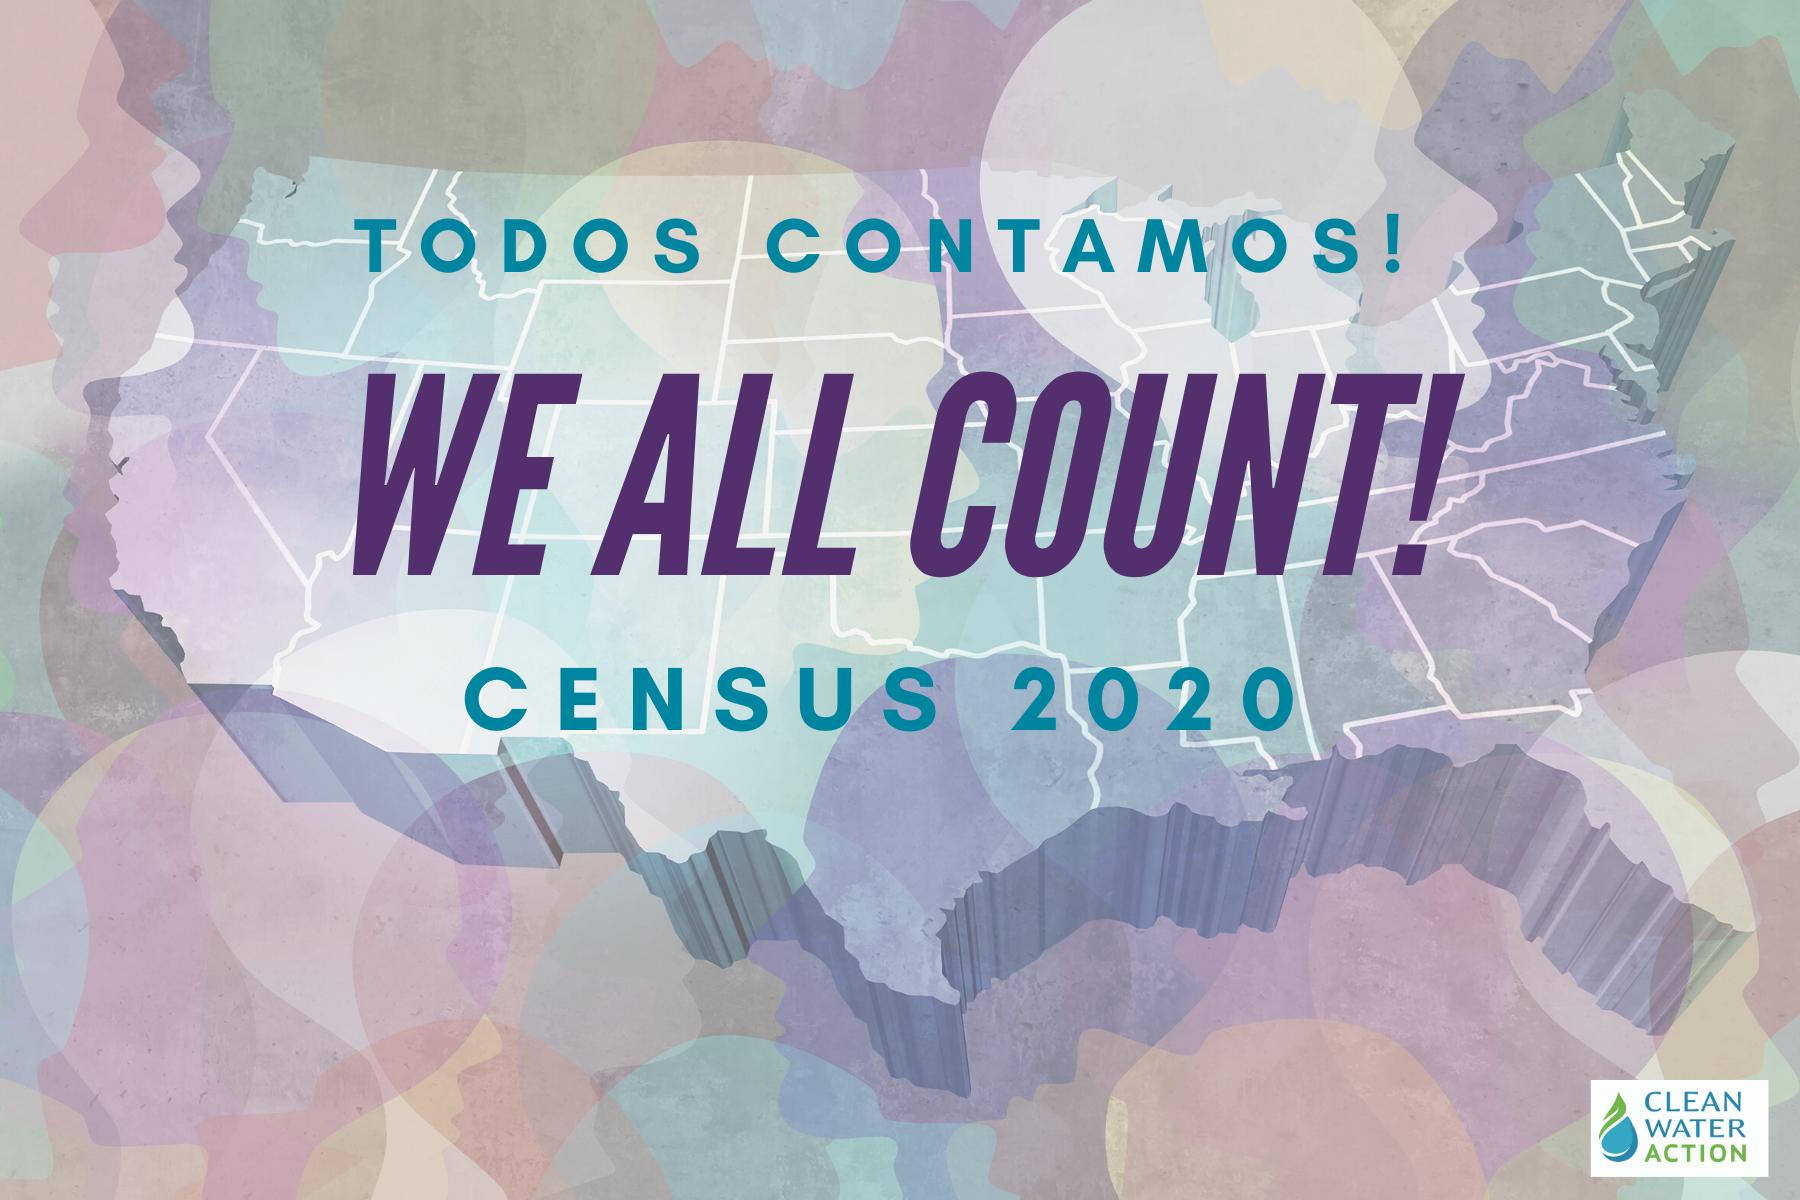 Census 2020 Canva